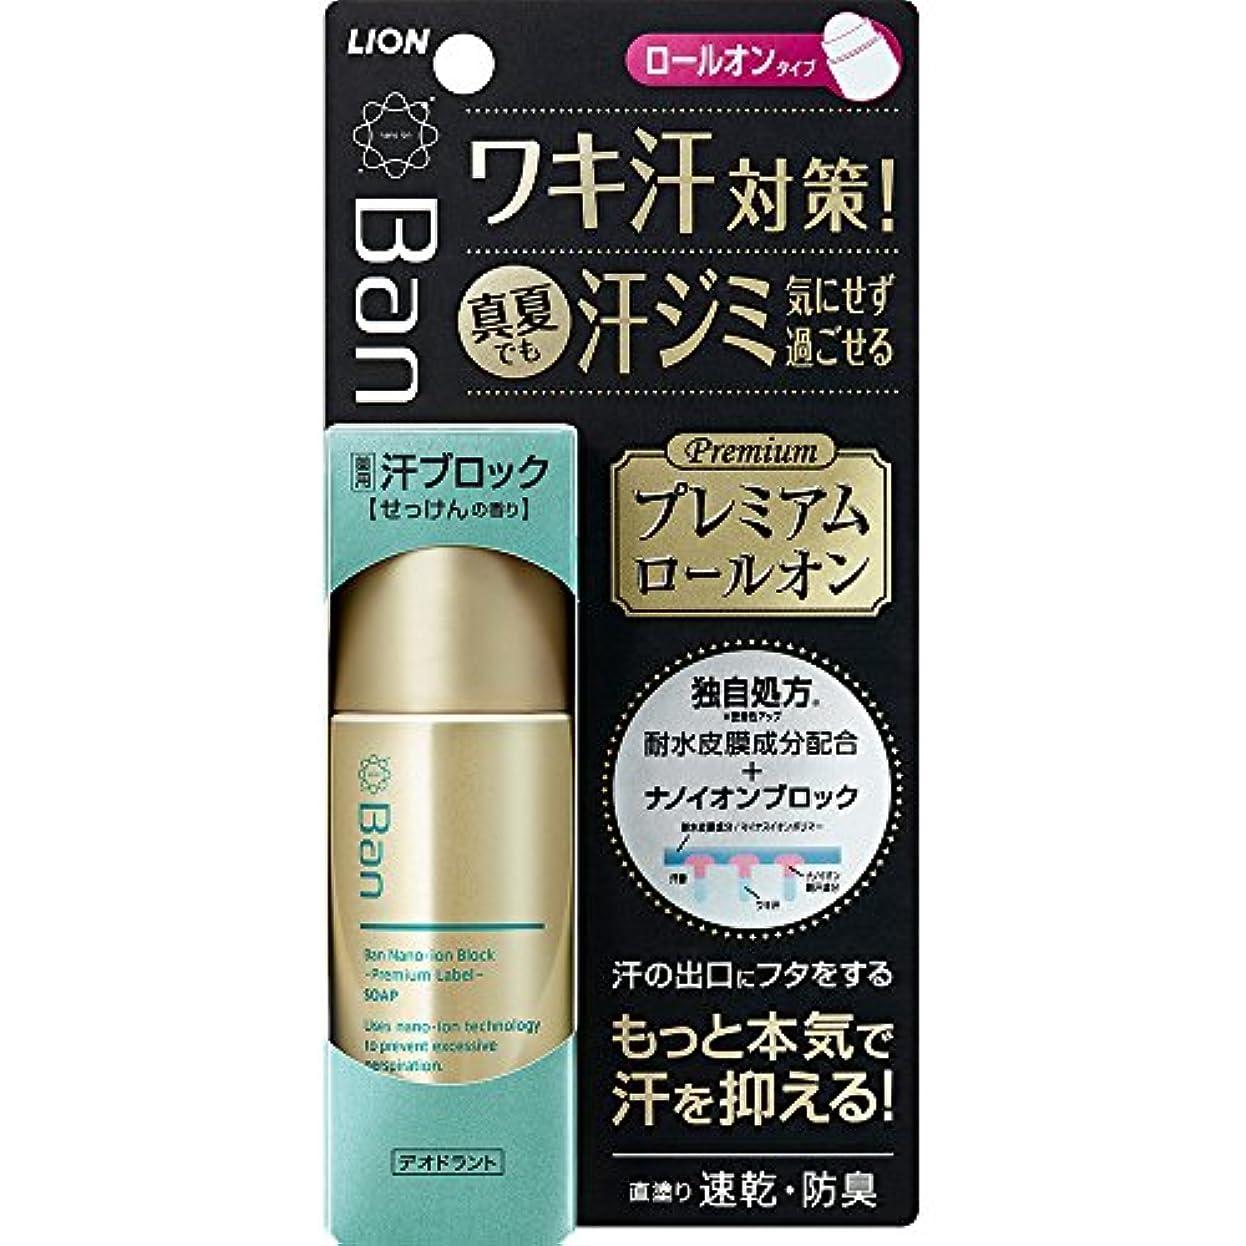 最も原因スクリューBan(バン) 汗ブロックロールオン プレミアムラベル せっけんの香り 40ml(医薬部外品)